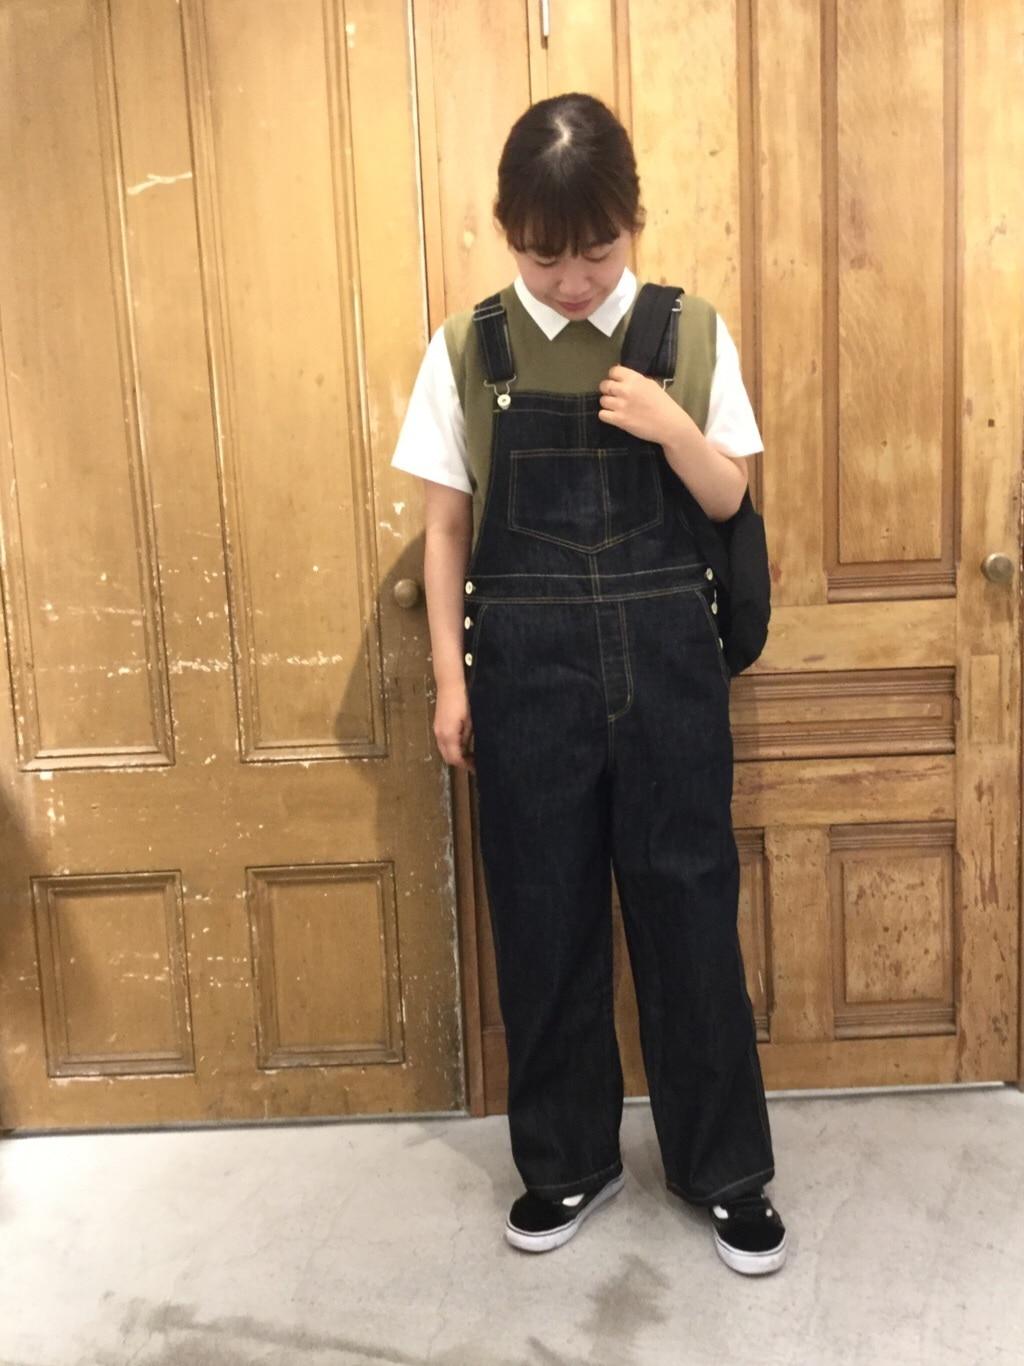 AMB SHOP PAR ICI FLAT AMB 名古屋栄路面 身長:163cm 2020.07.28